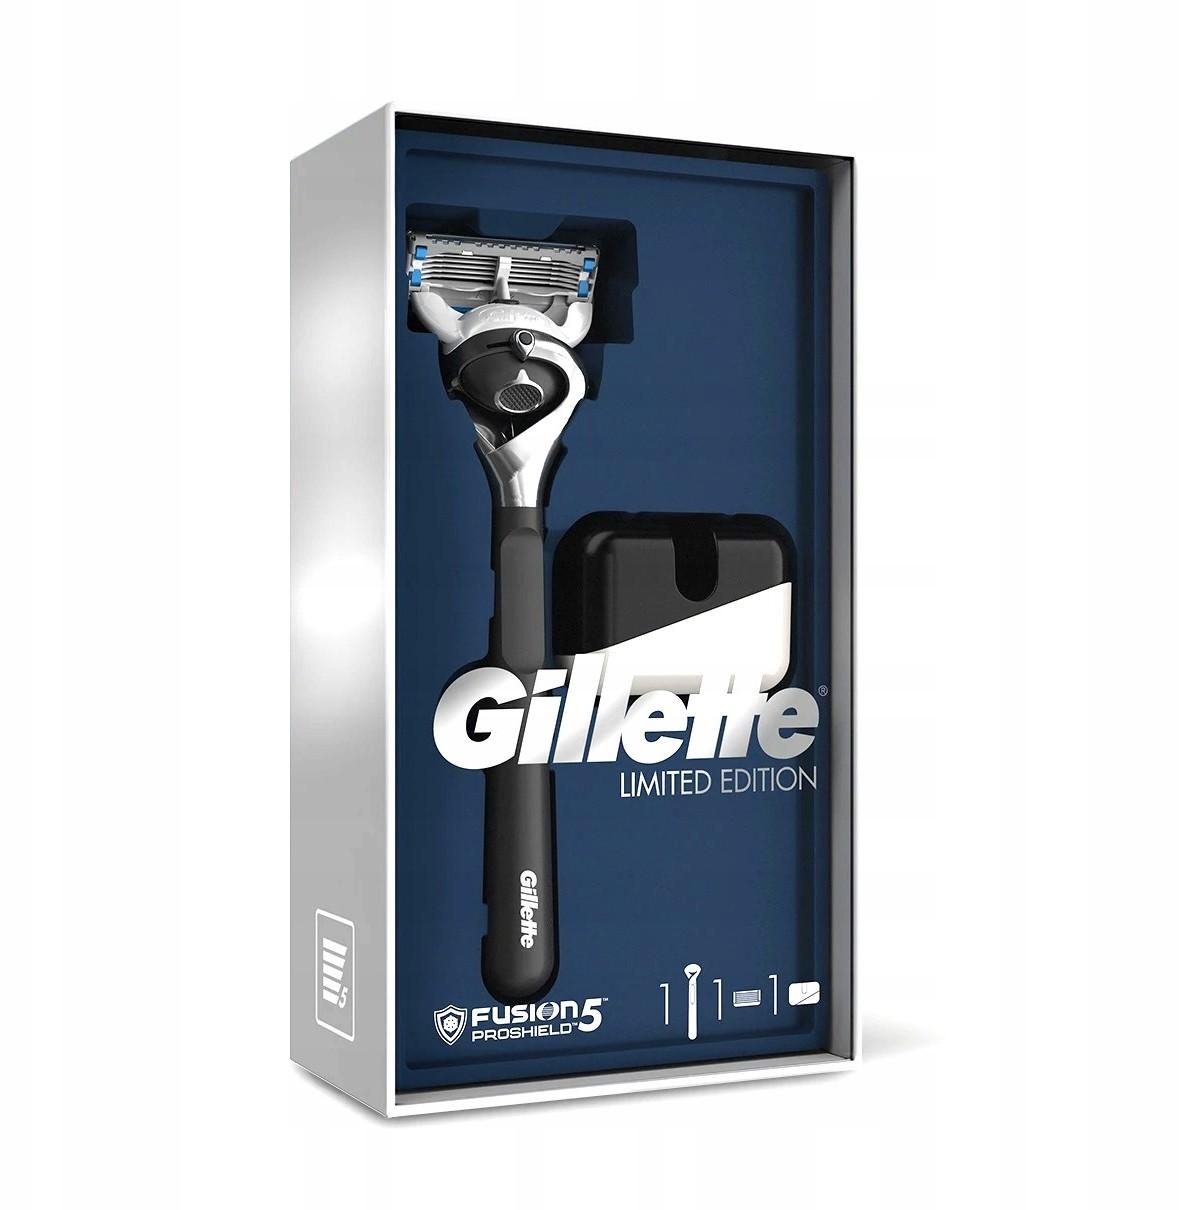 Gillette Zestaw Fusion 5 maszynka + stojak